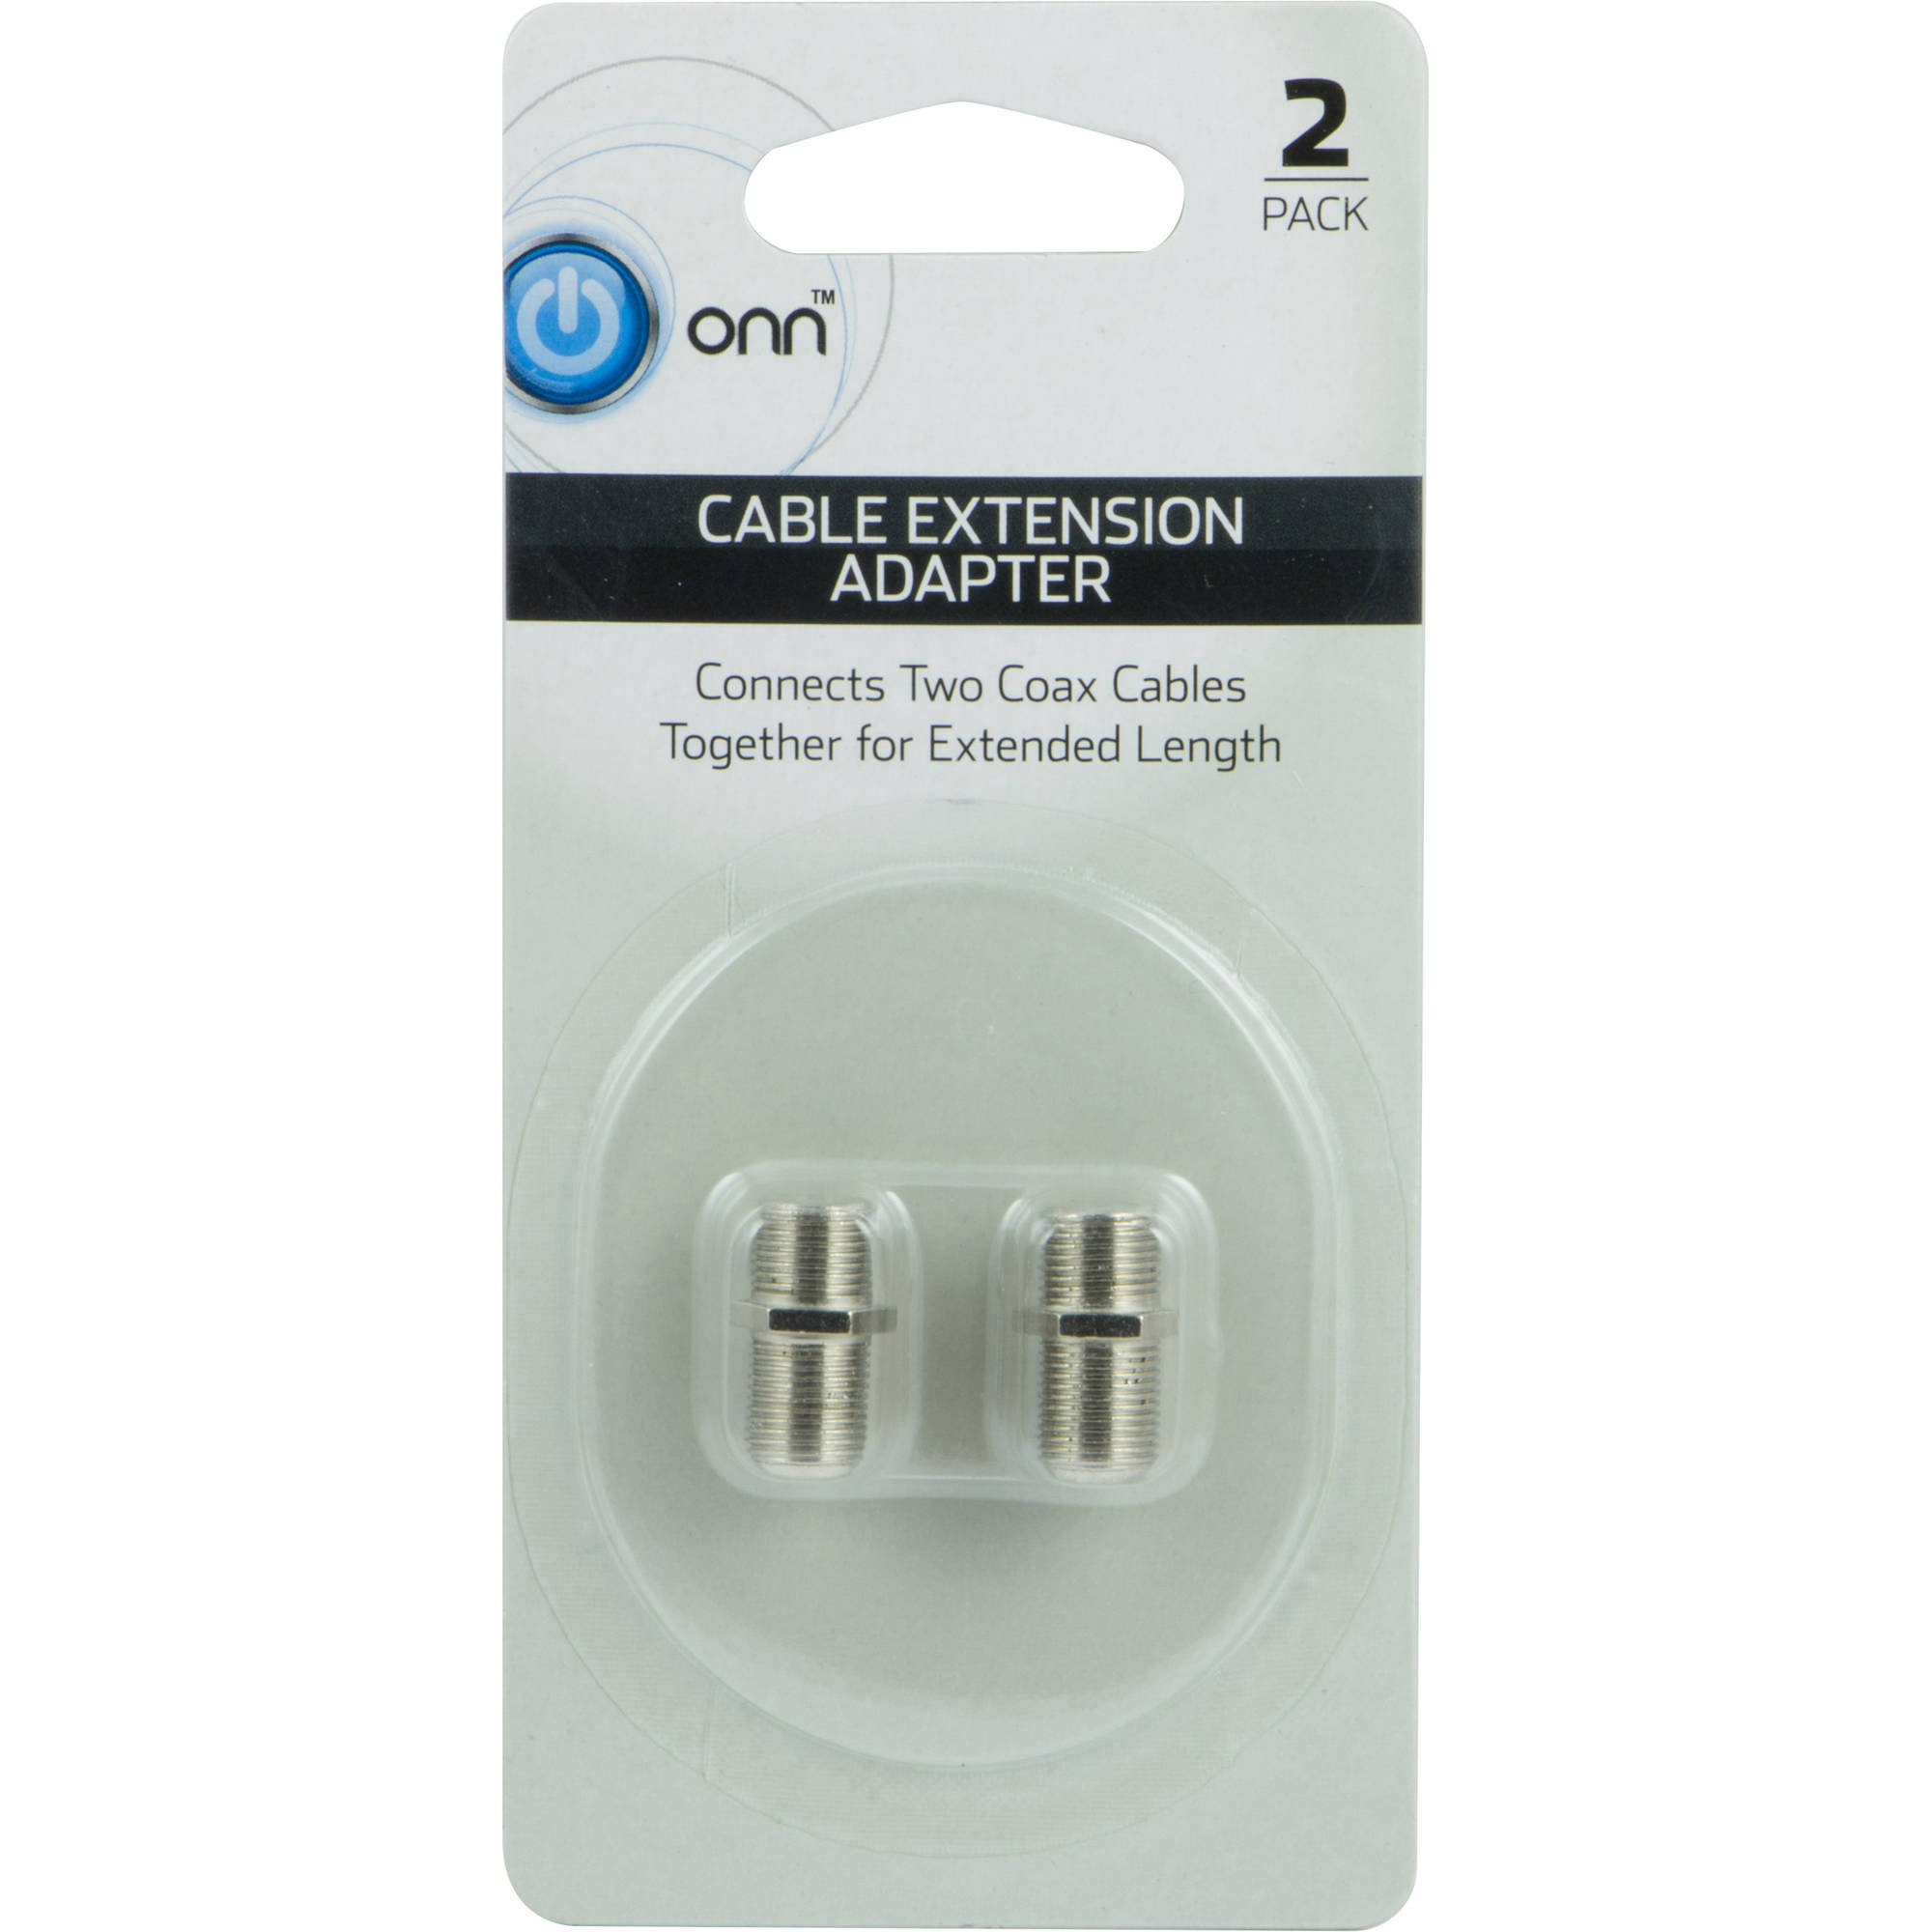 ONN ONA16AV005 cable extension adapter-2 pack